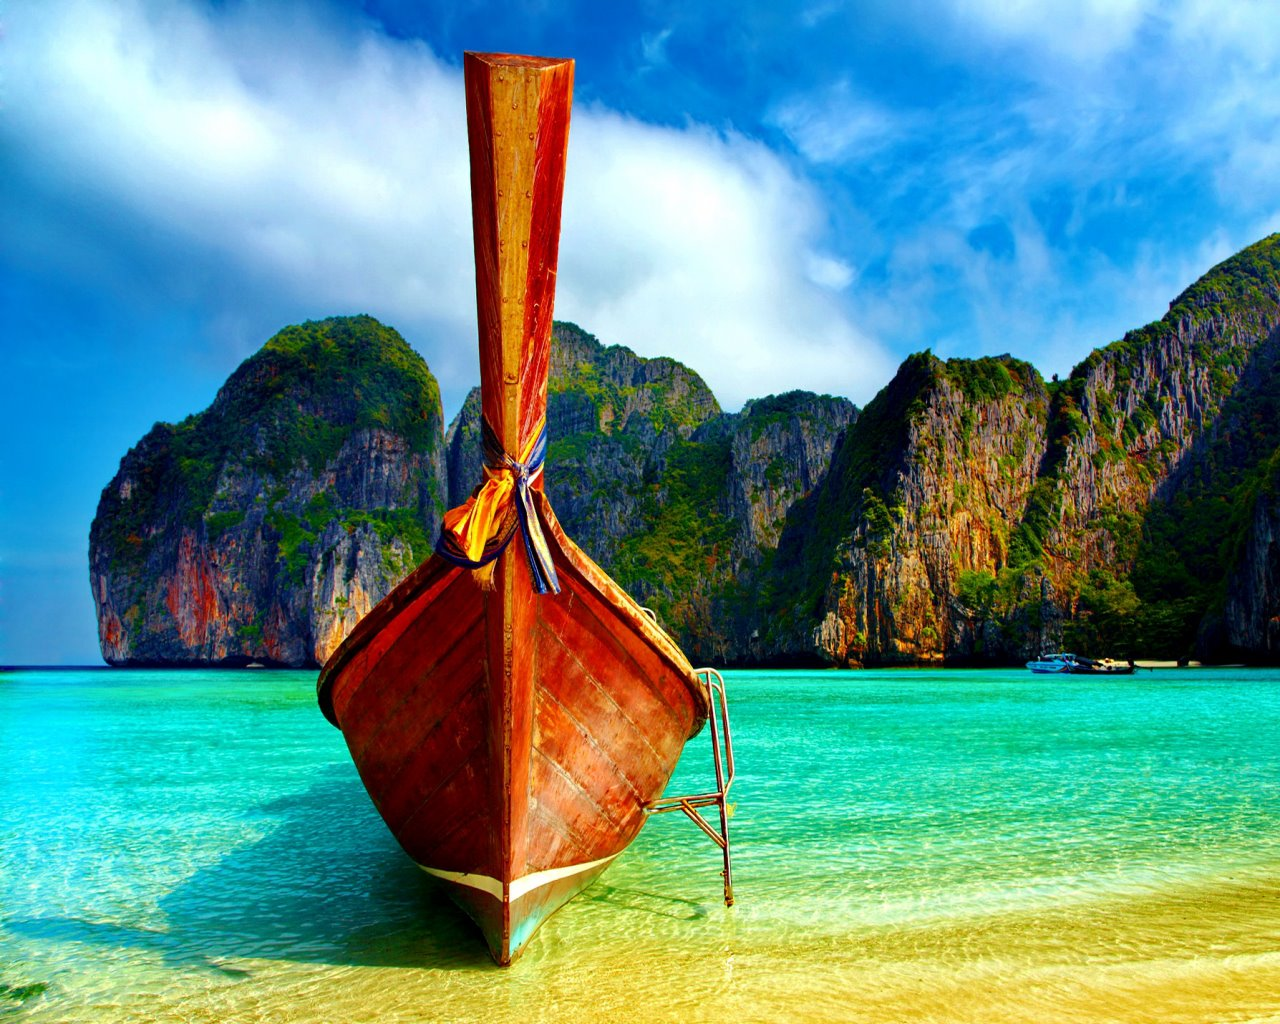 BEAUTIFUL BEACH THAILAND wallpaper   ForWallpapercom 1280x1024